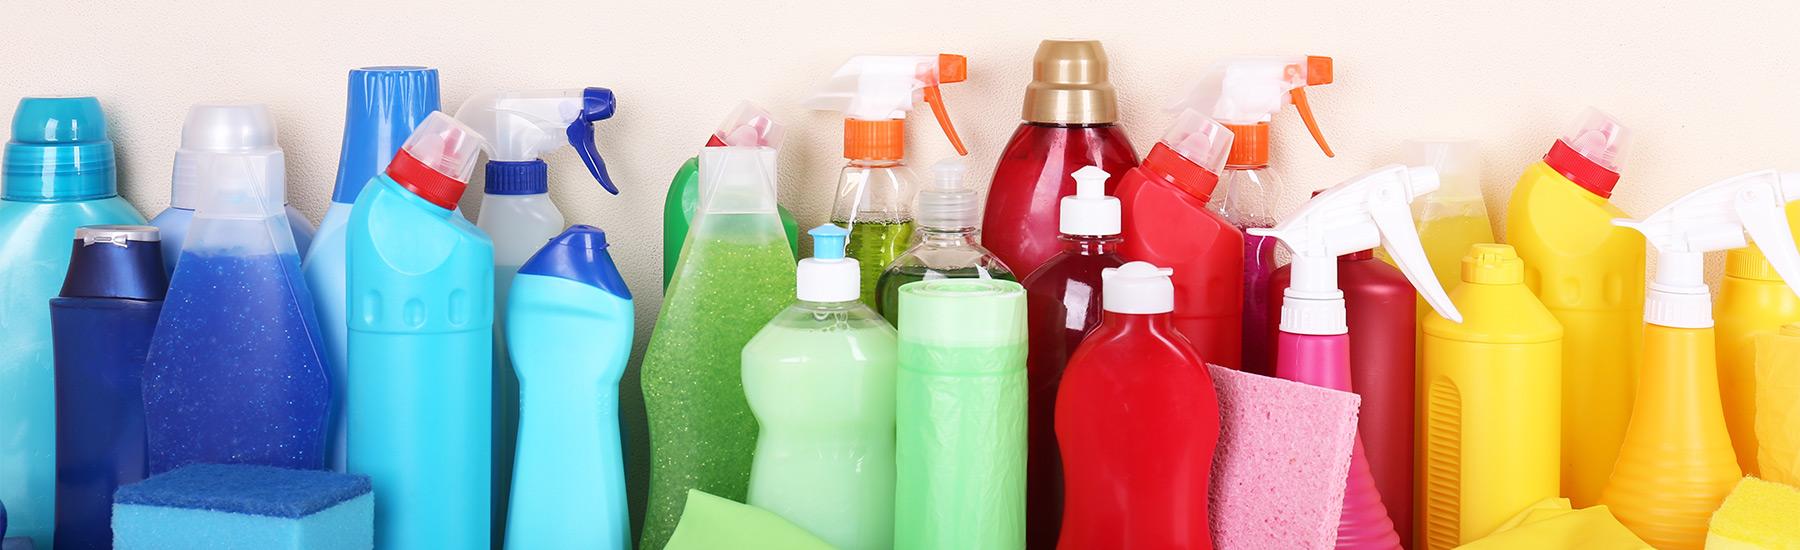 Meubelen reinigen met natuurlijke reinigingsmiddelen